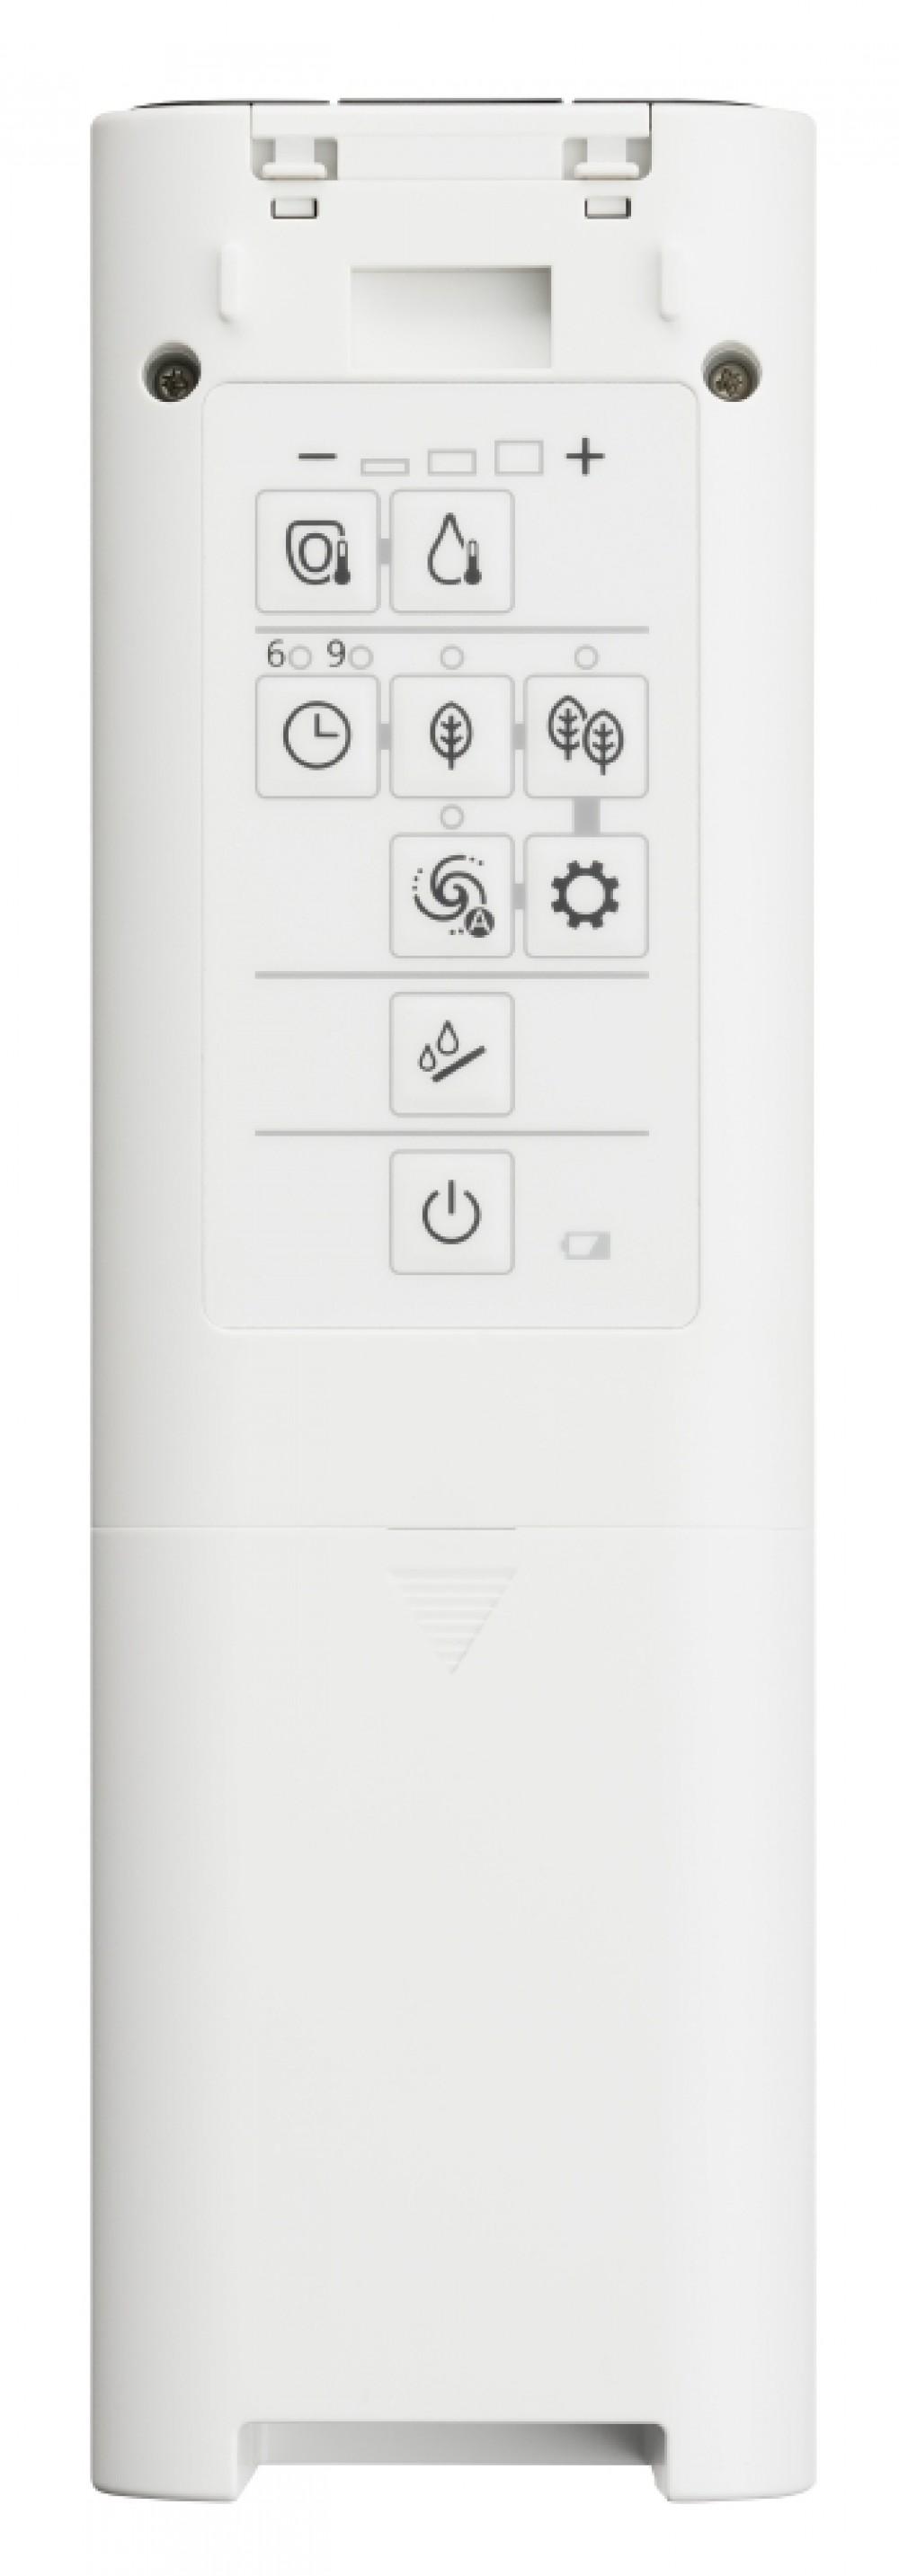 toto washlet sx auto flush remote control